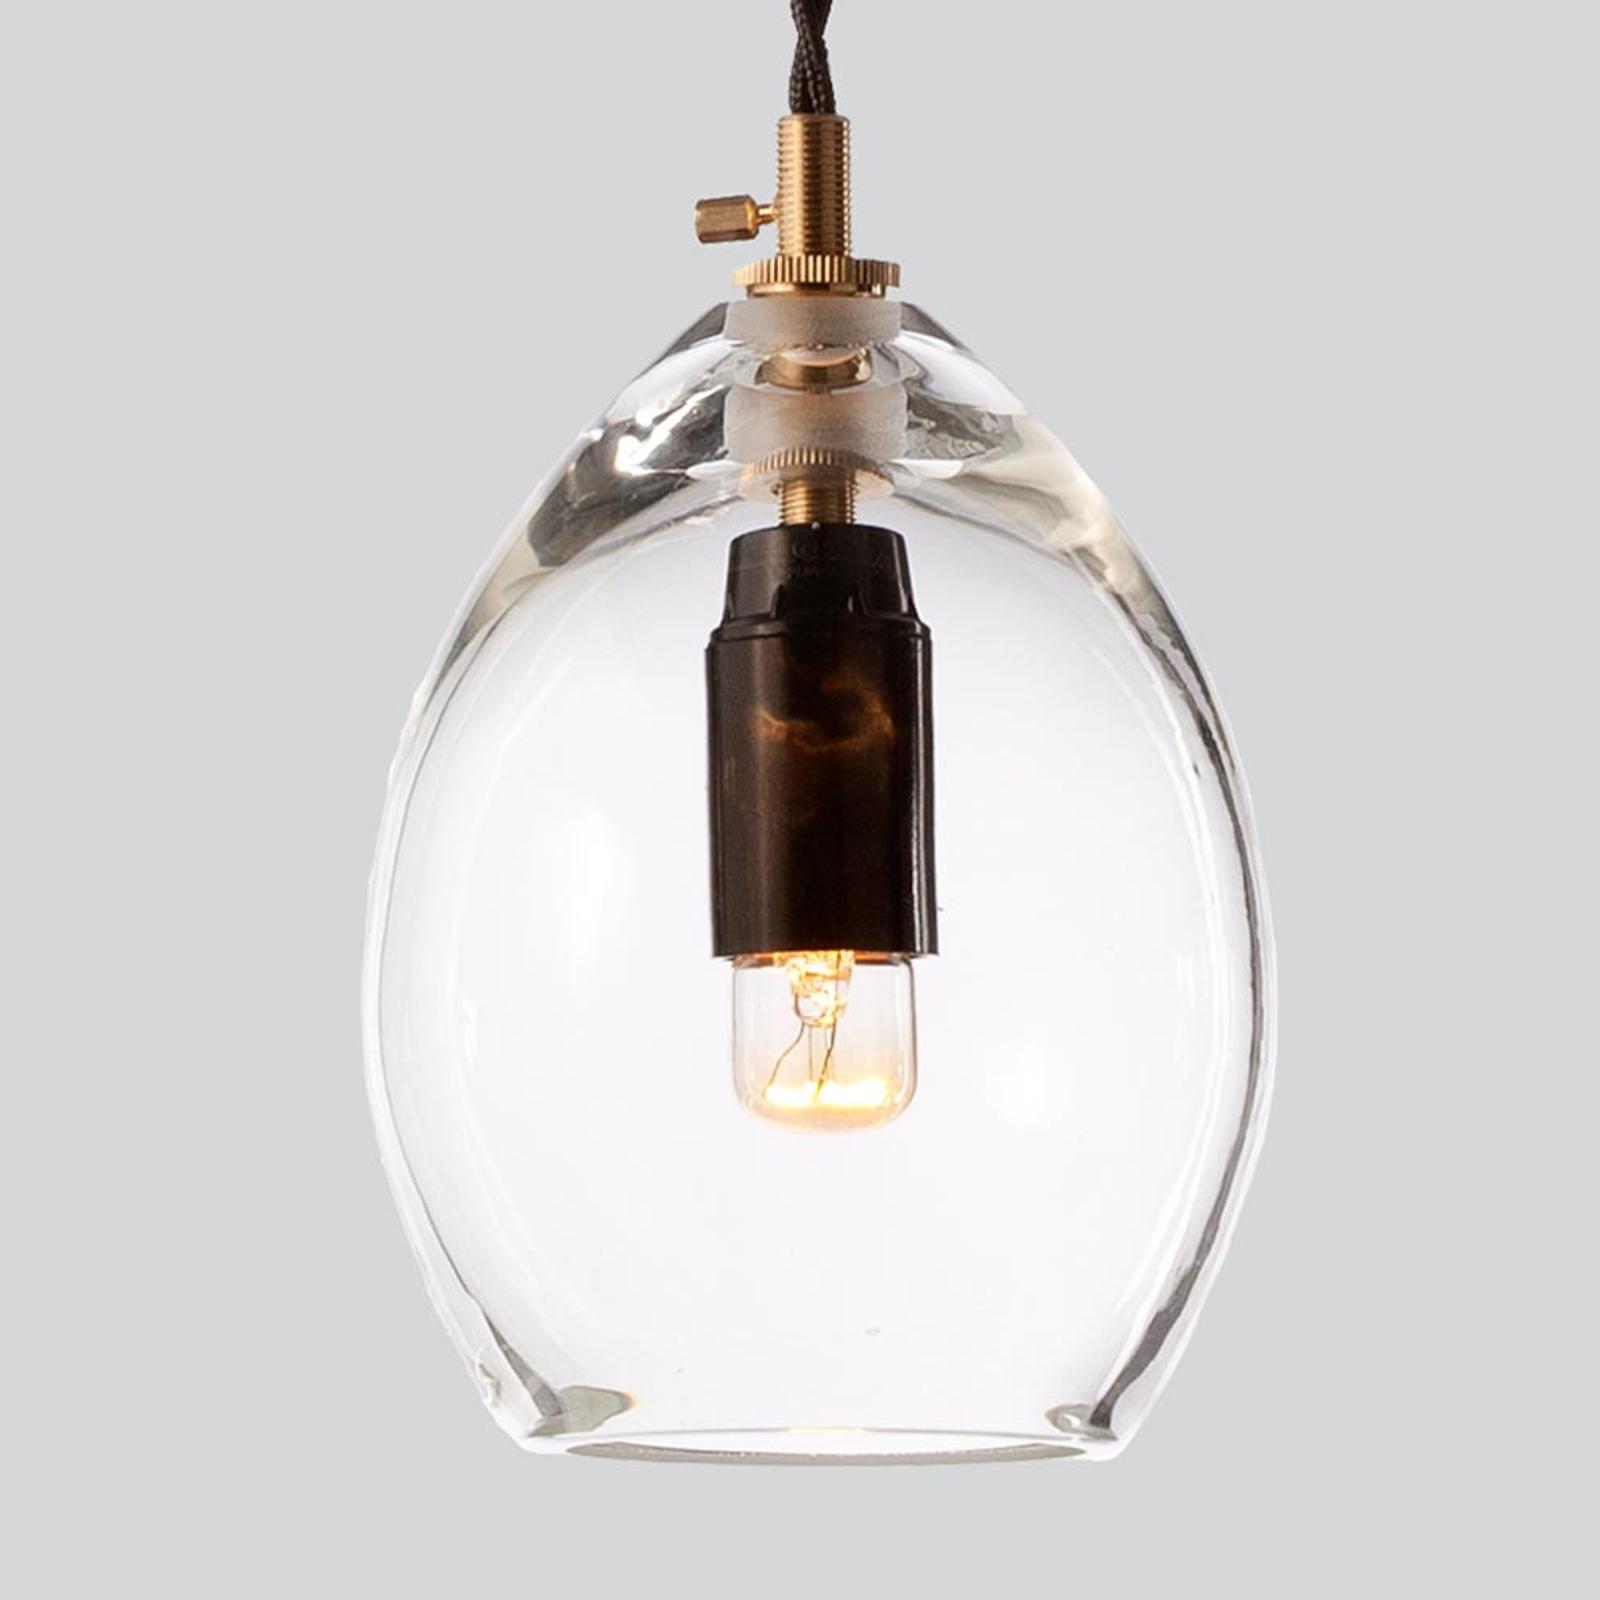 Northern Unica glashængelampe 10,5 cm